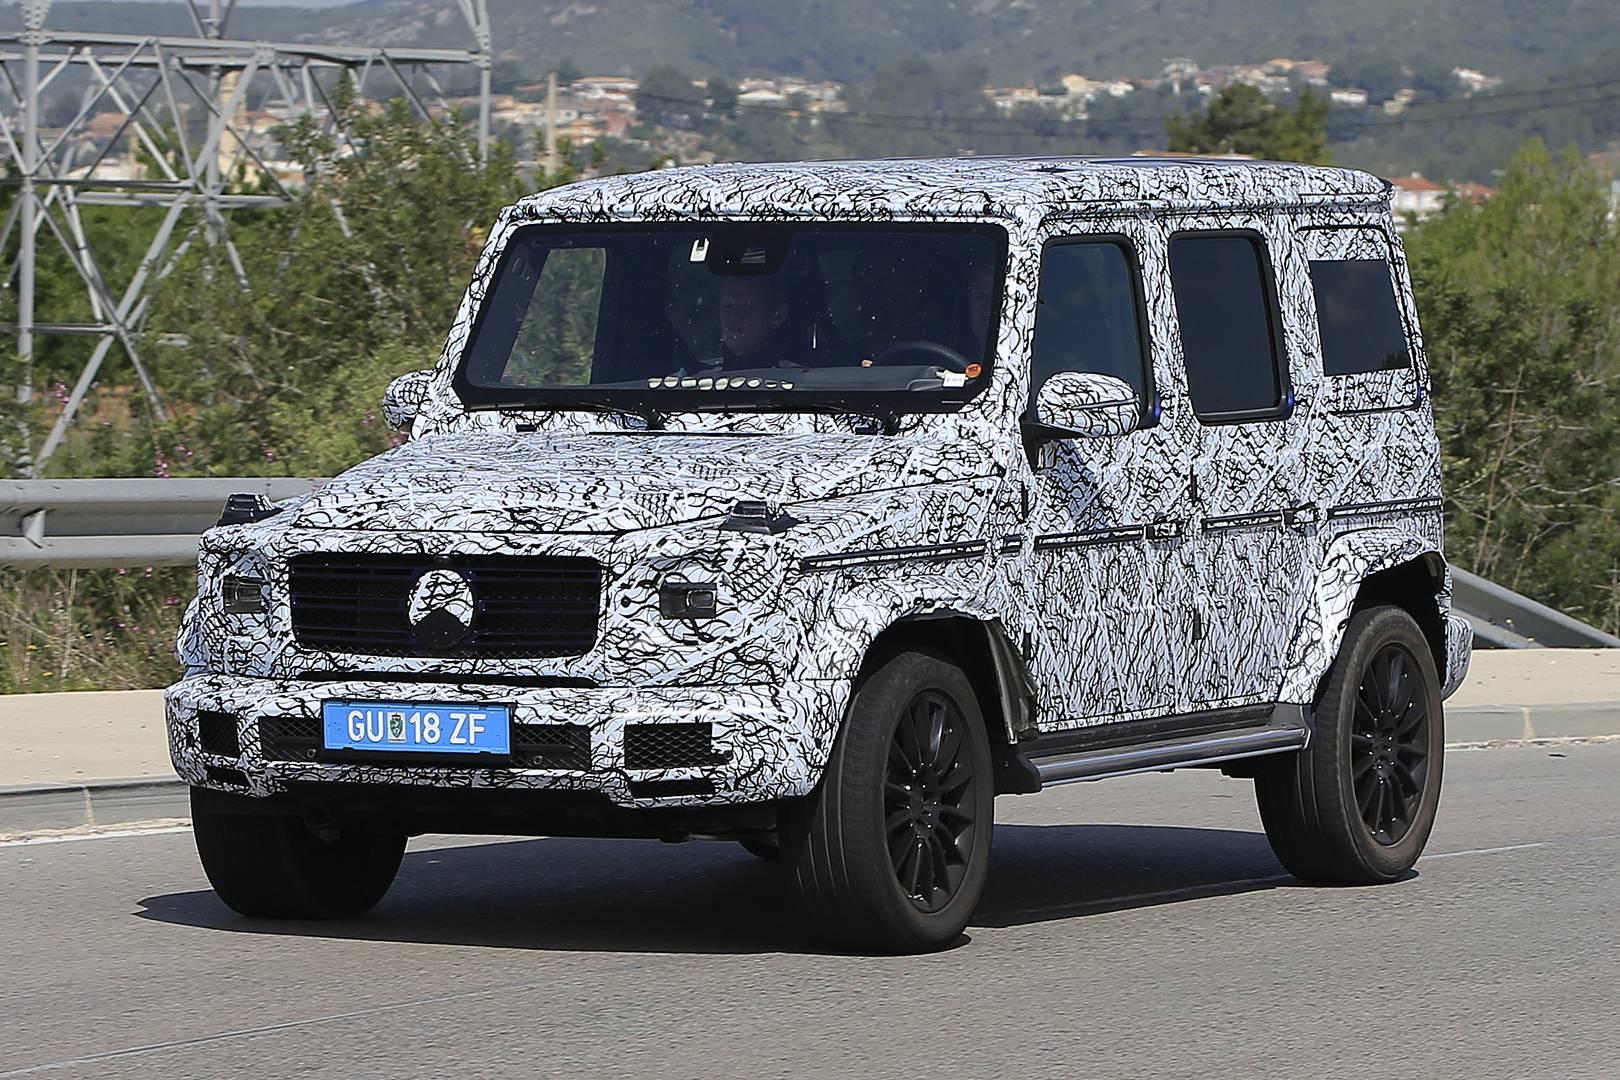 Знаменитый роскошный внедорожник славится своей практически неизменной в течение 38 лет производства внешностью. В этом году Mercedes-Benz планирует представить новый G-класс.